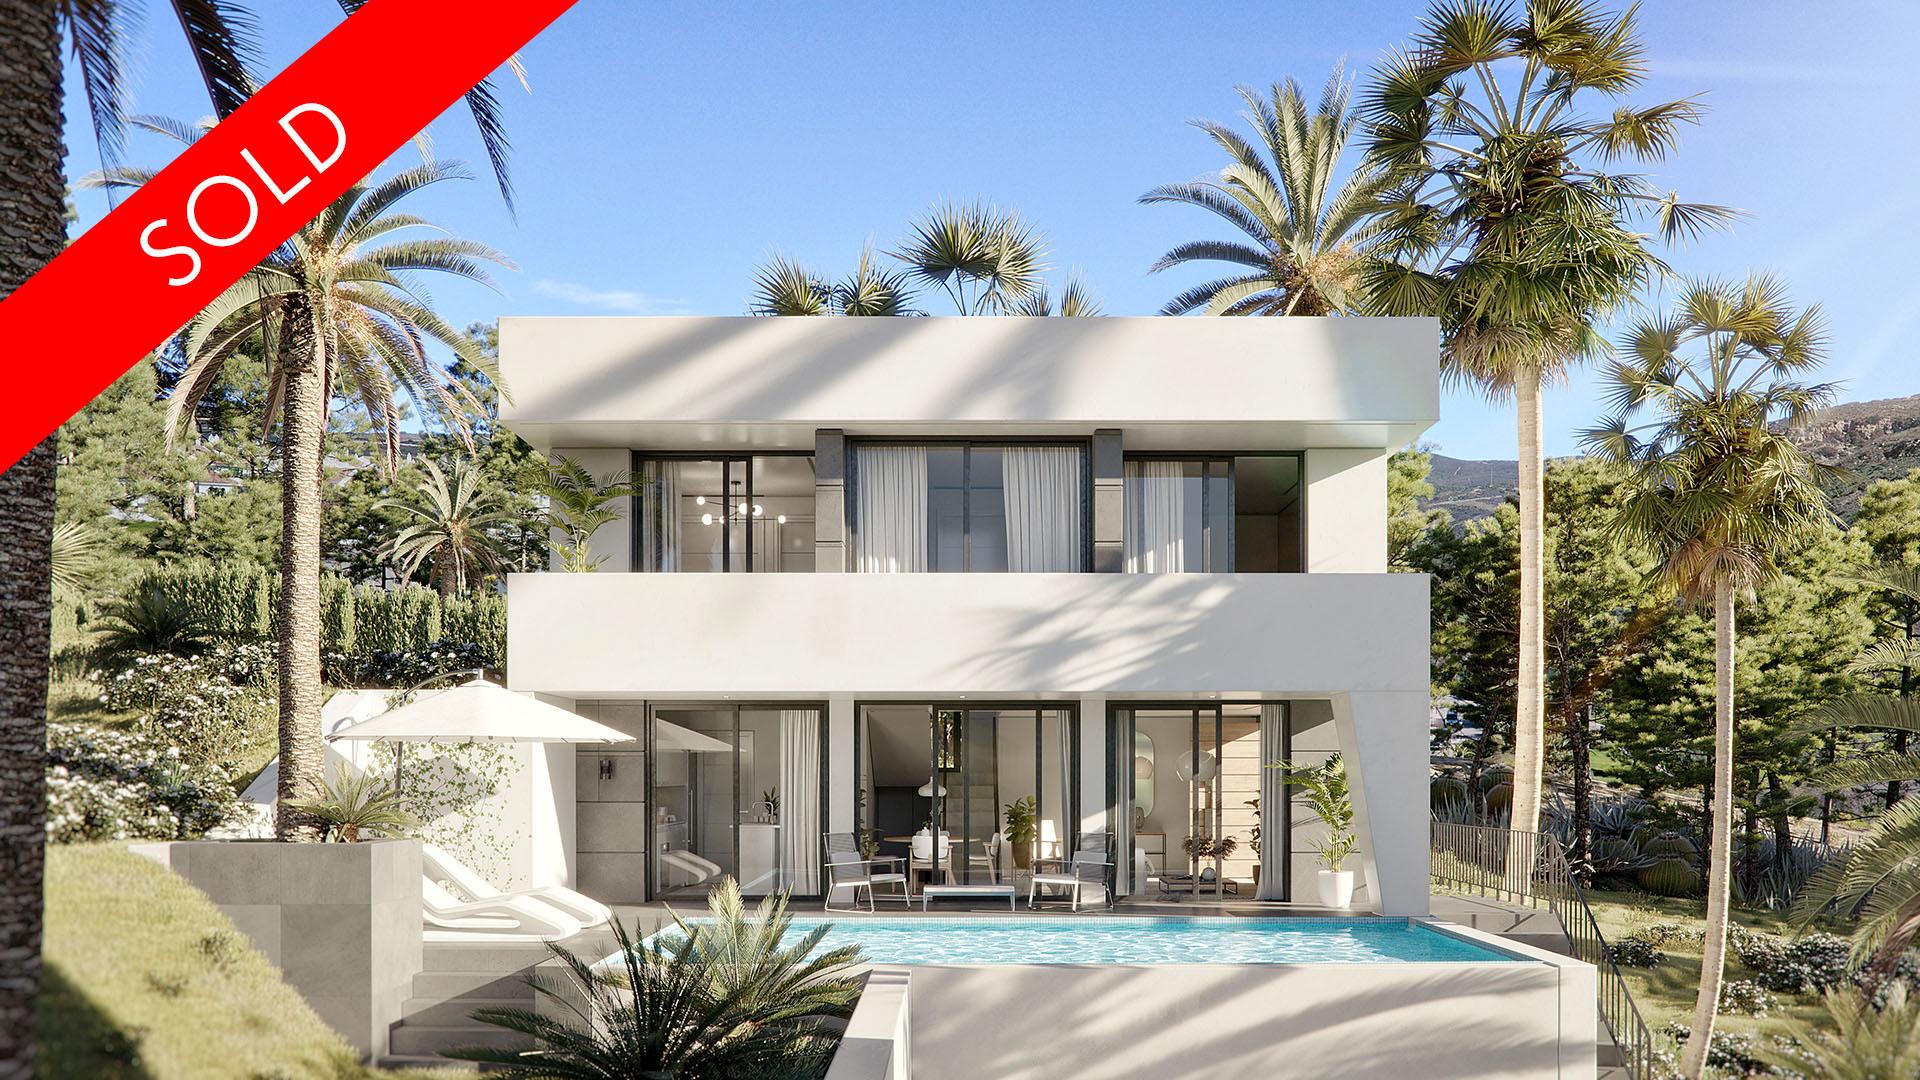 Villa Angelo: Modern villa in Benalmádena